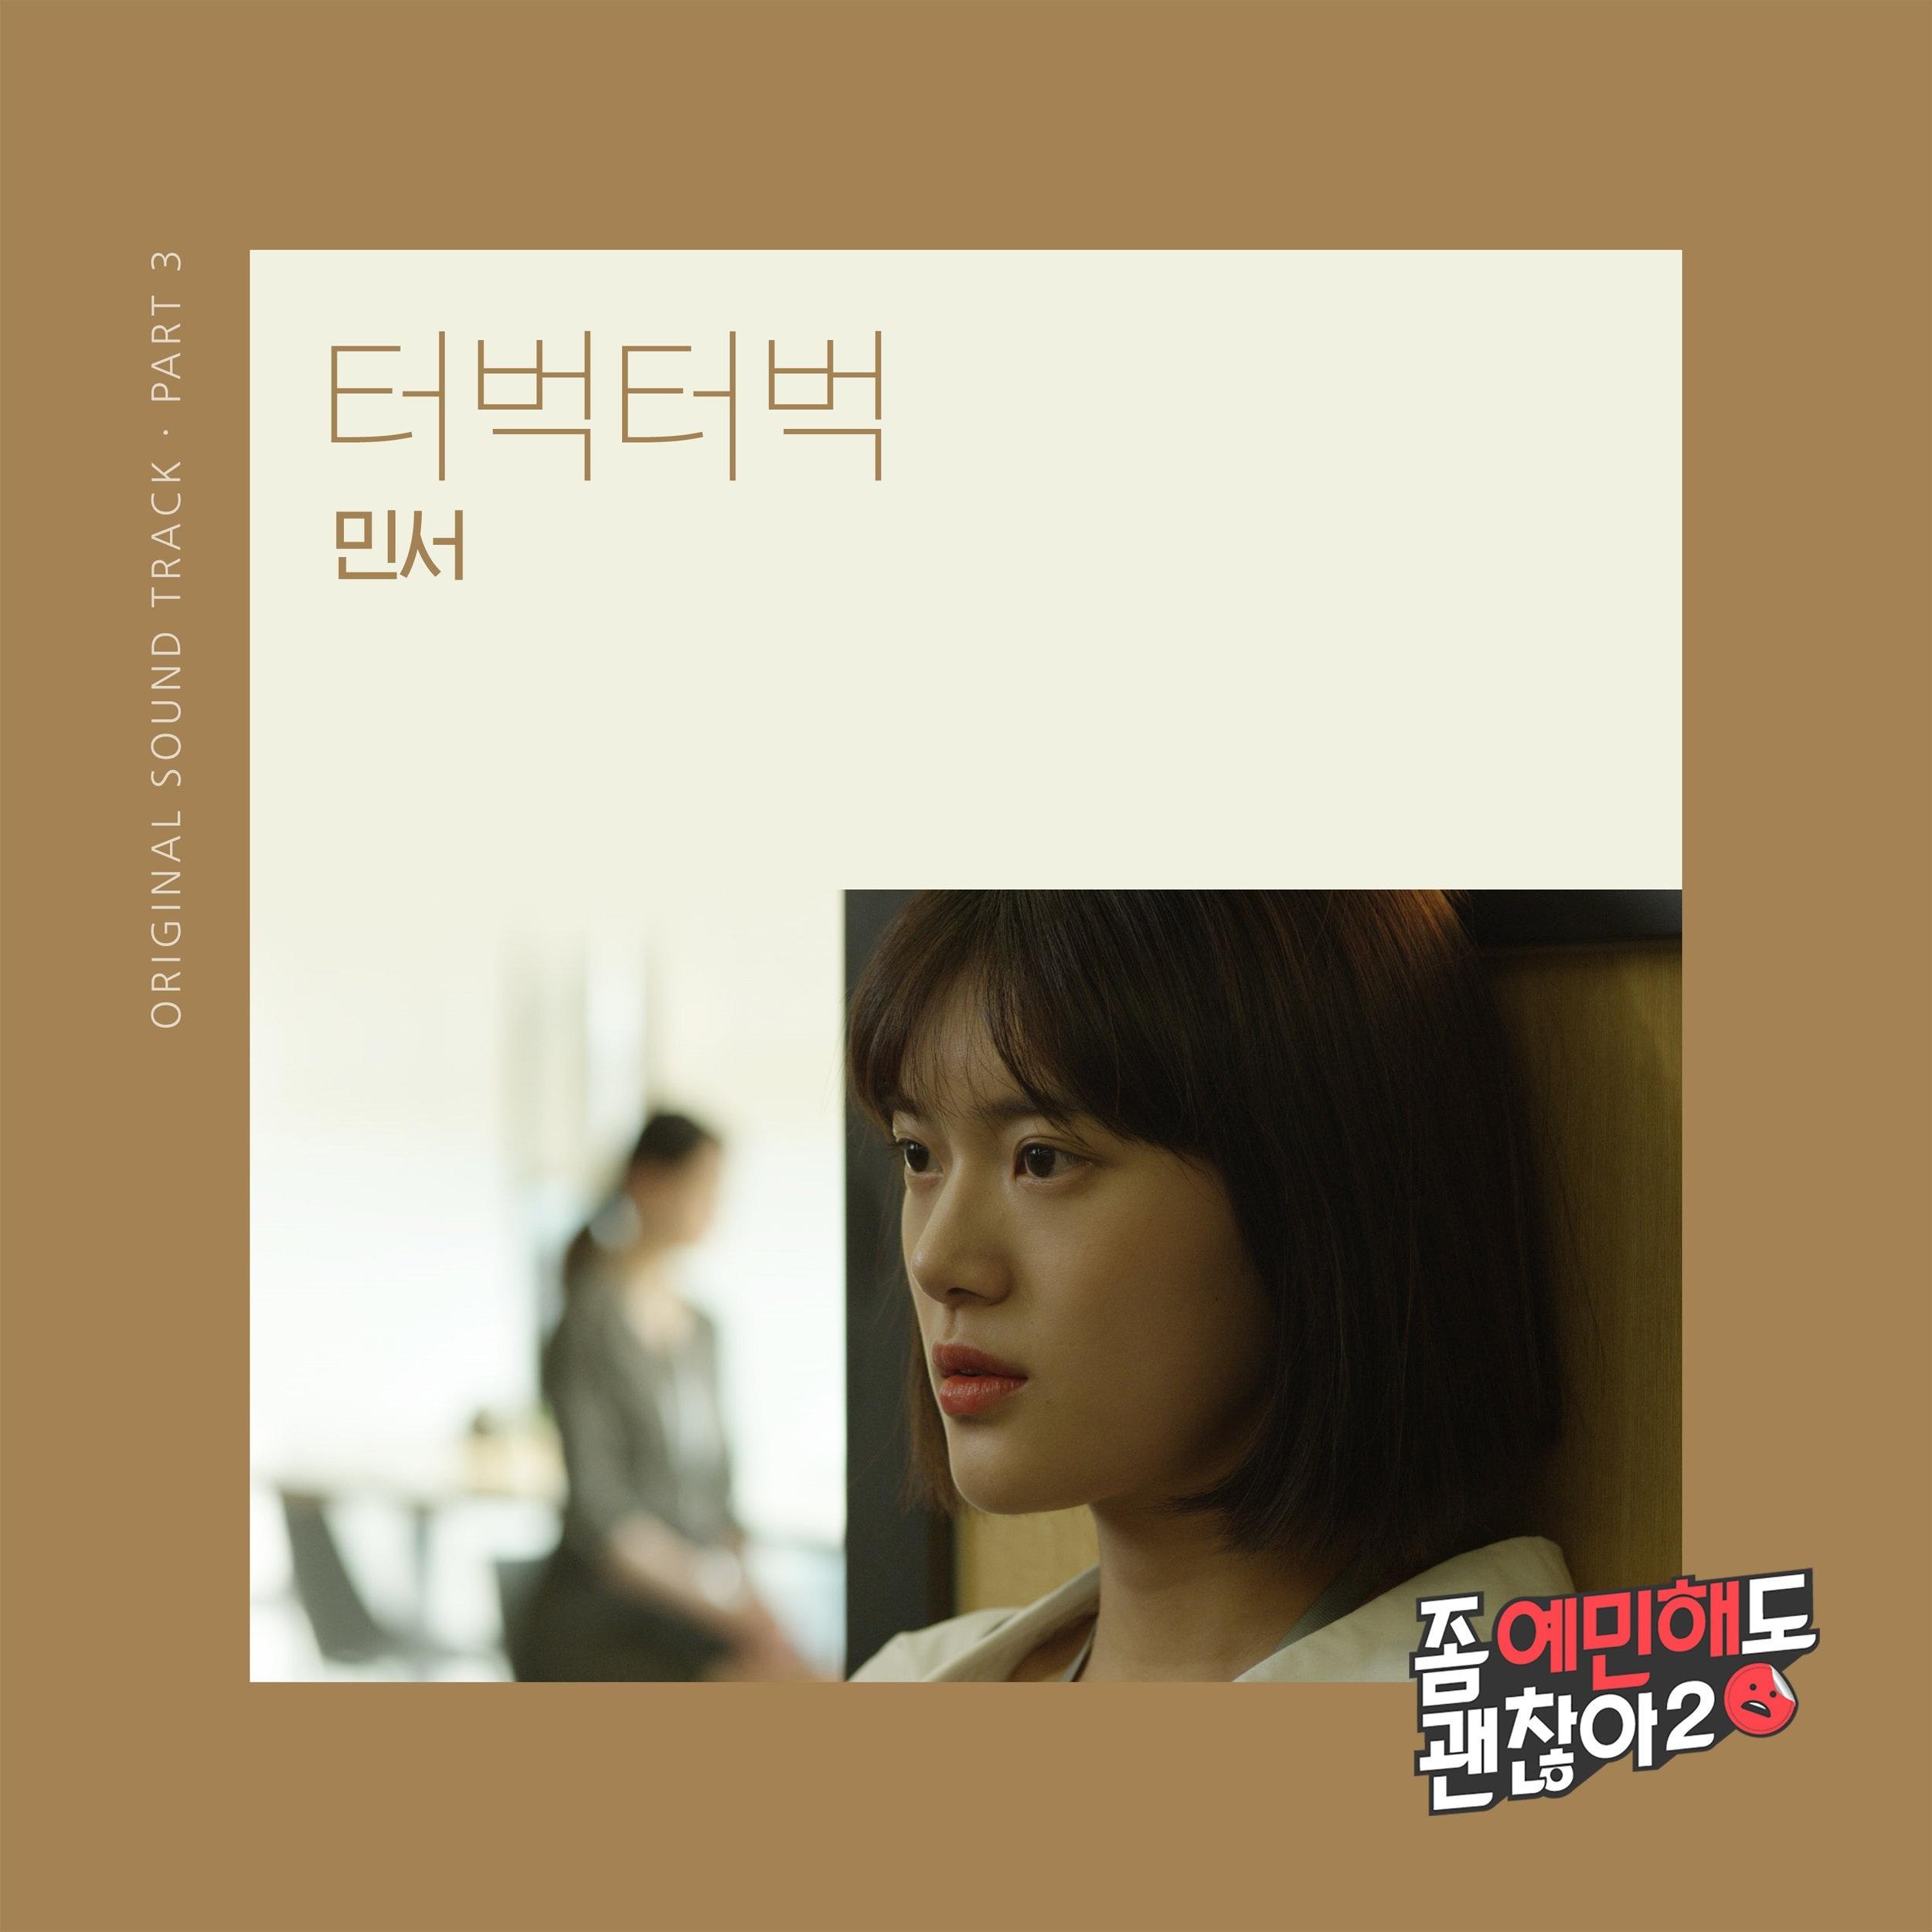 [좀예민해도괜찮아2 OST part.3] 민서-터벅터벅